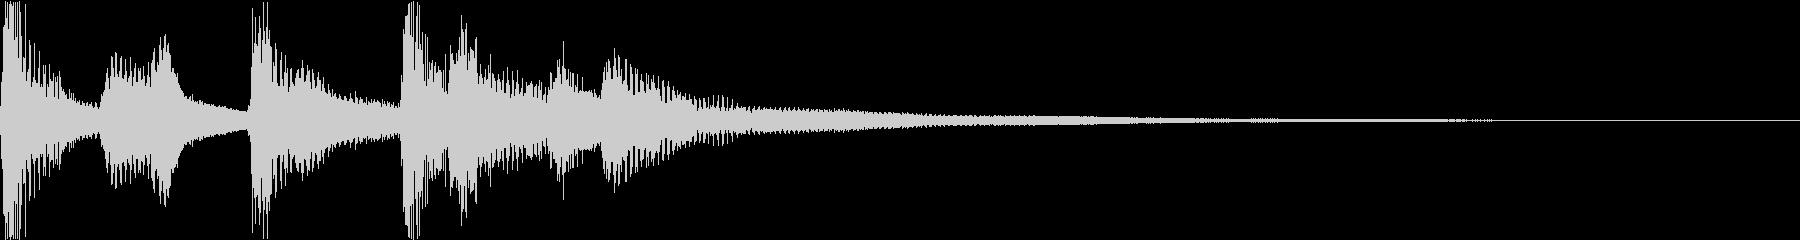 ウクレレ・鉄琴・ジングル・かわいいの未再生の波形